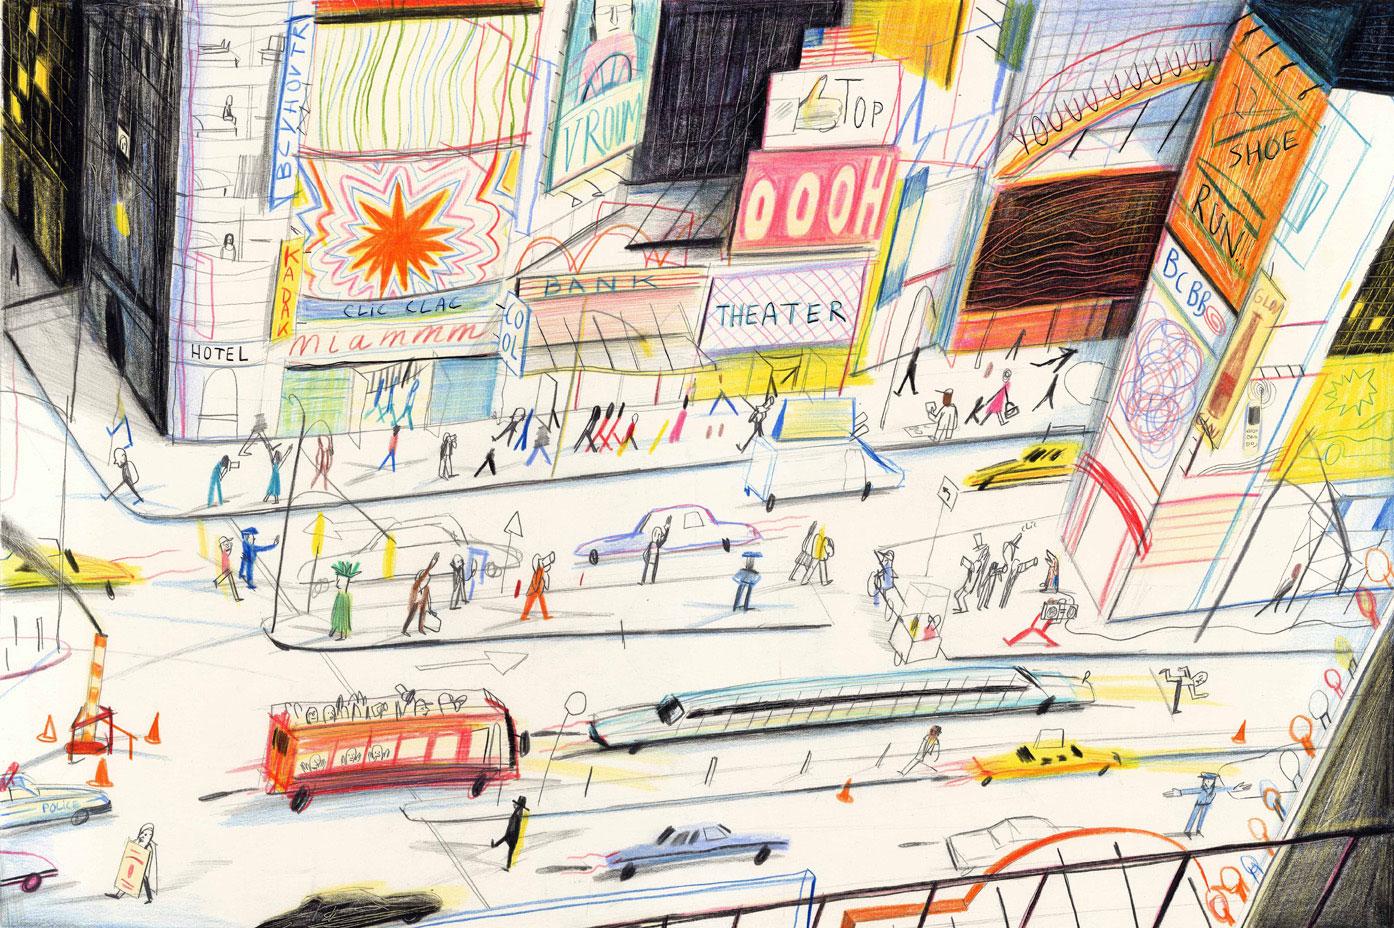 Time Square | Time Square |